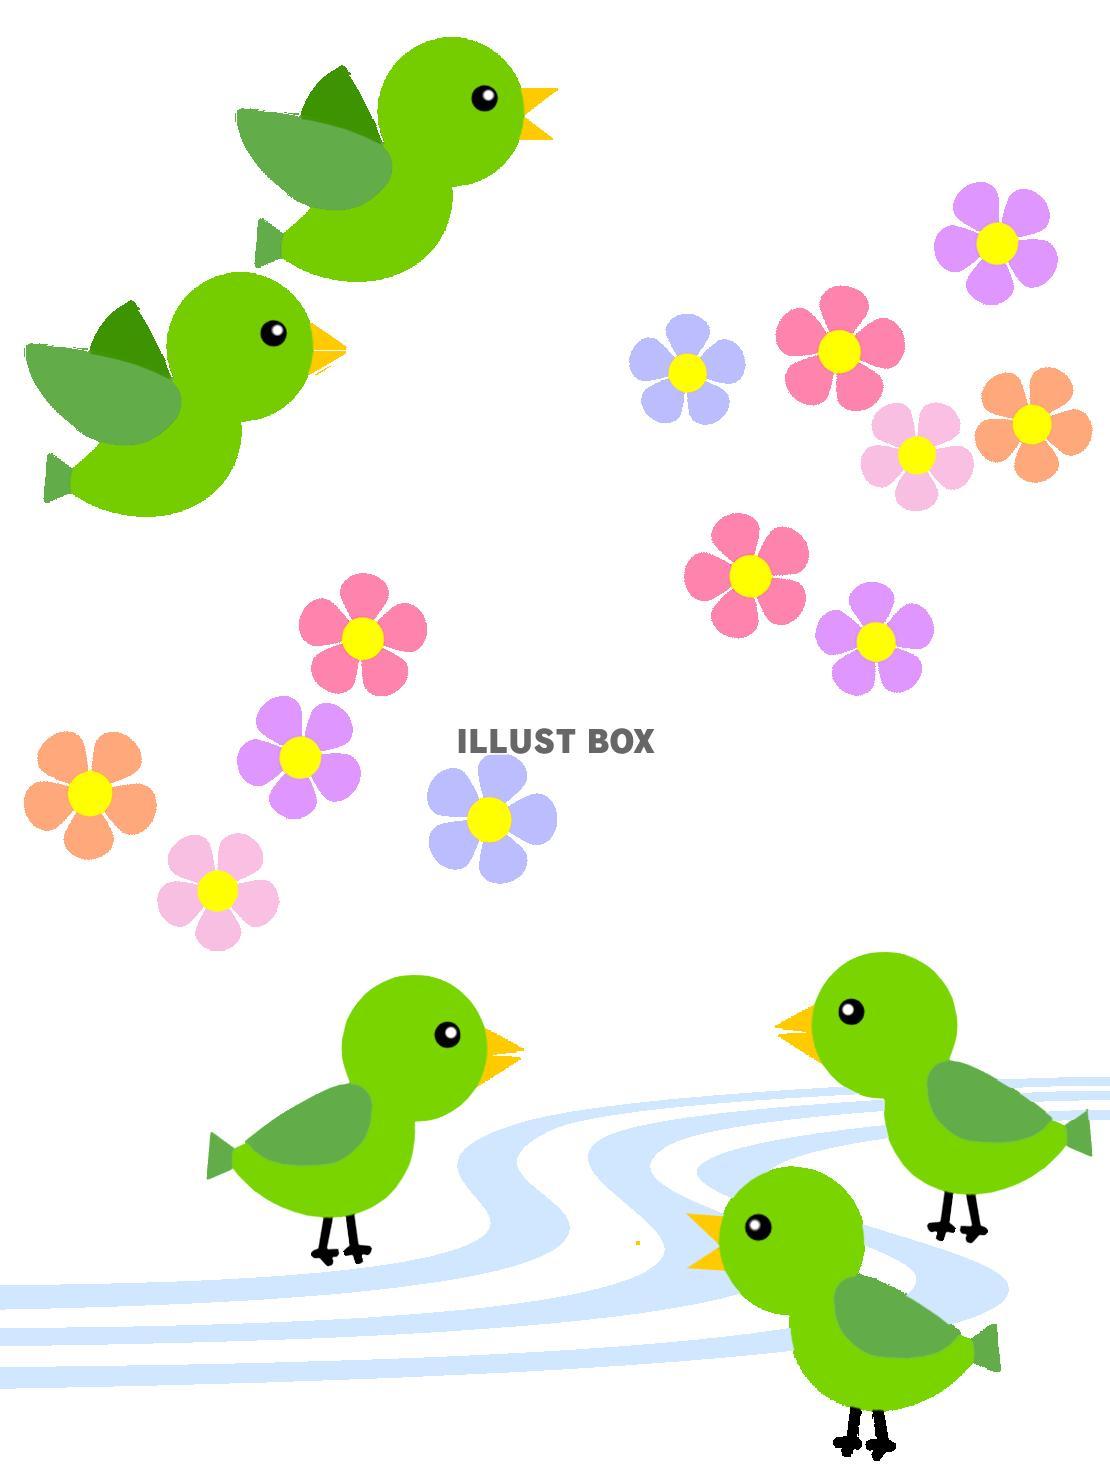 無料イラスト 小鳥と花模様の背景イラスト可愛い壁紙素材。透過png